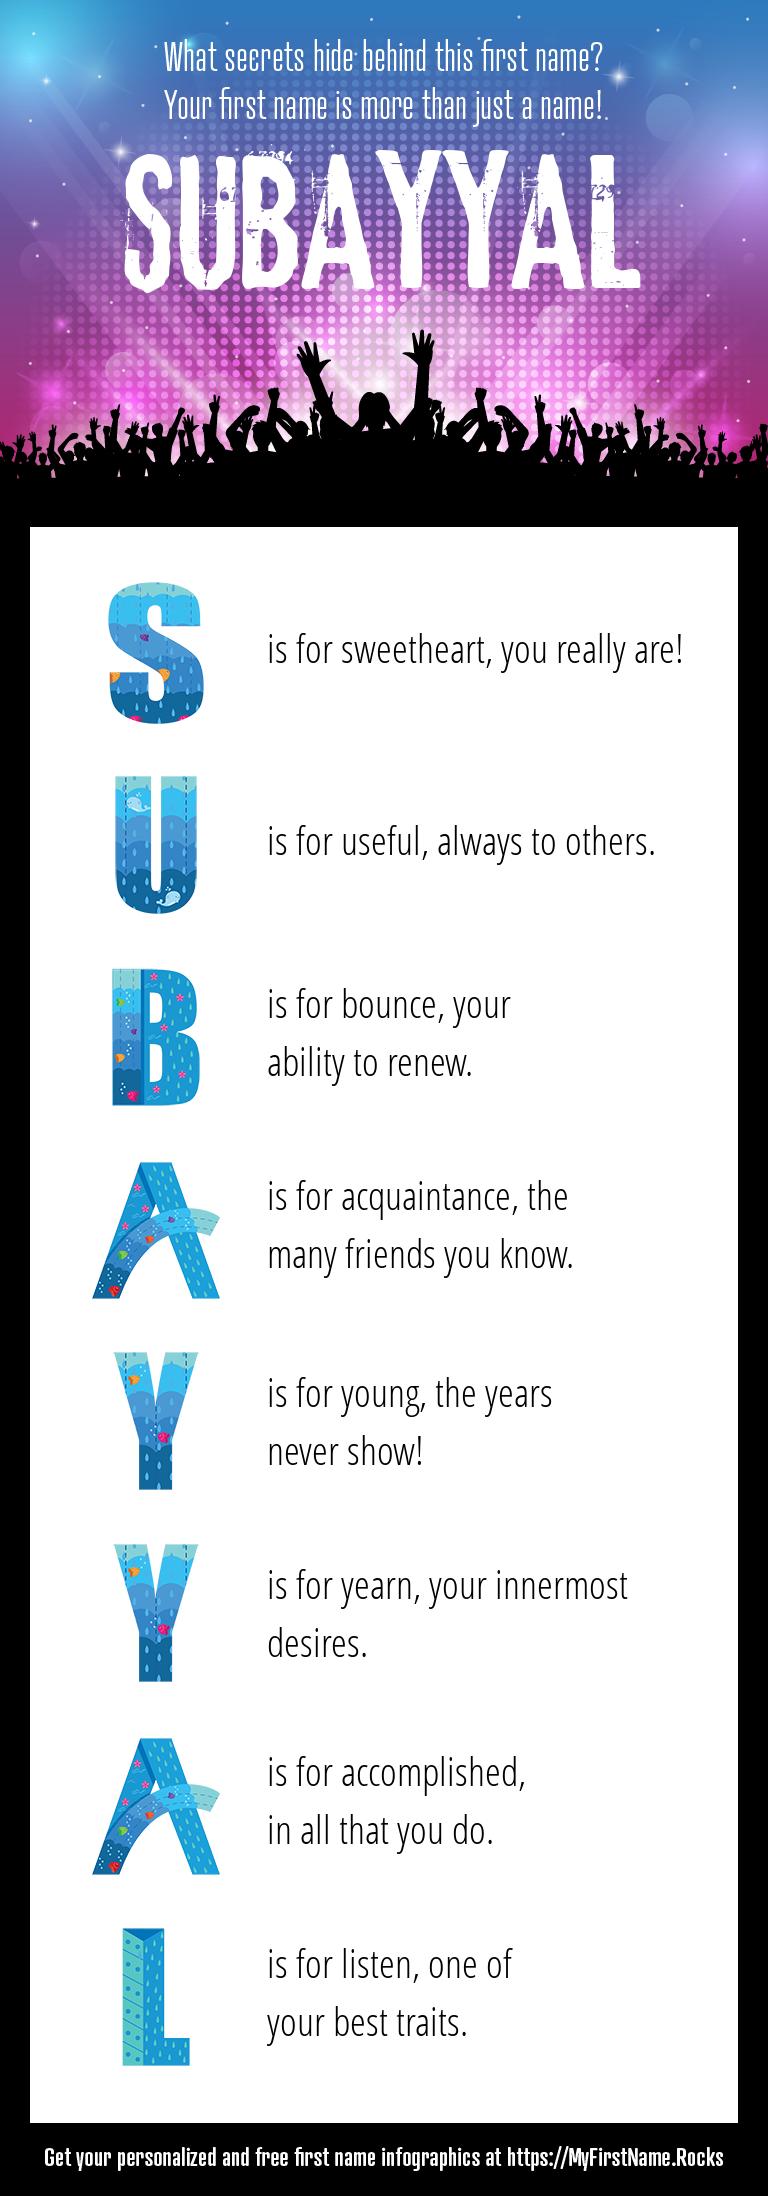 Subayyal Infographics